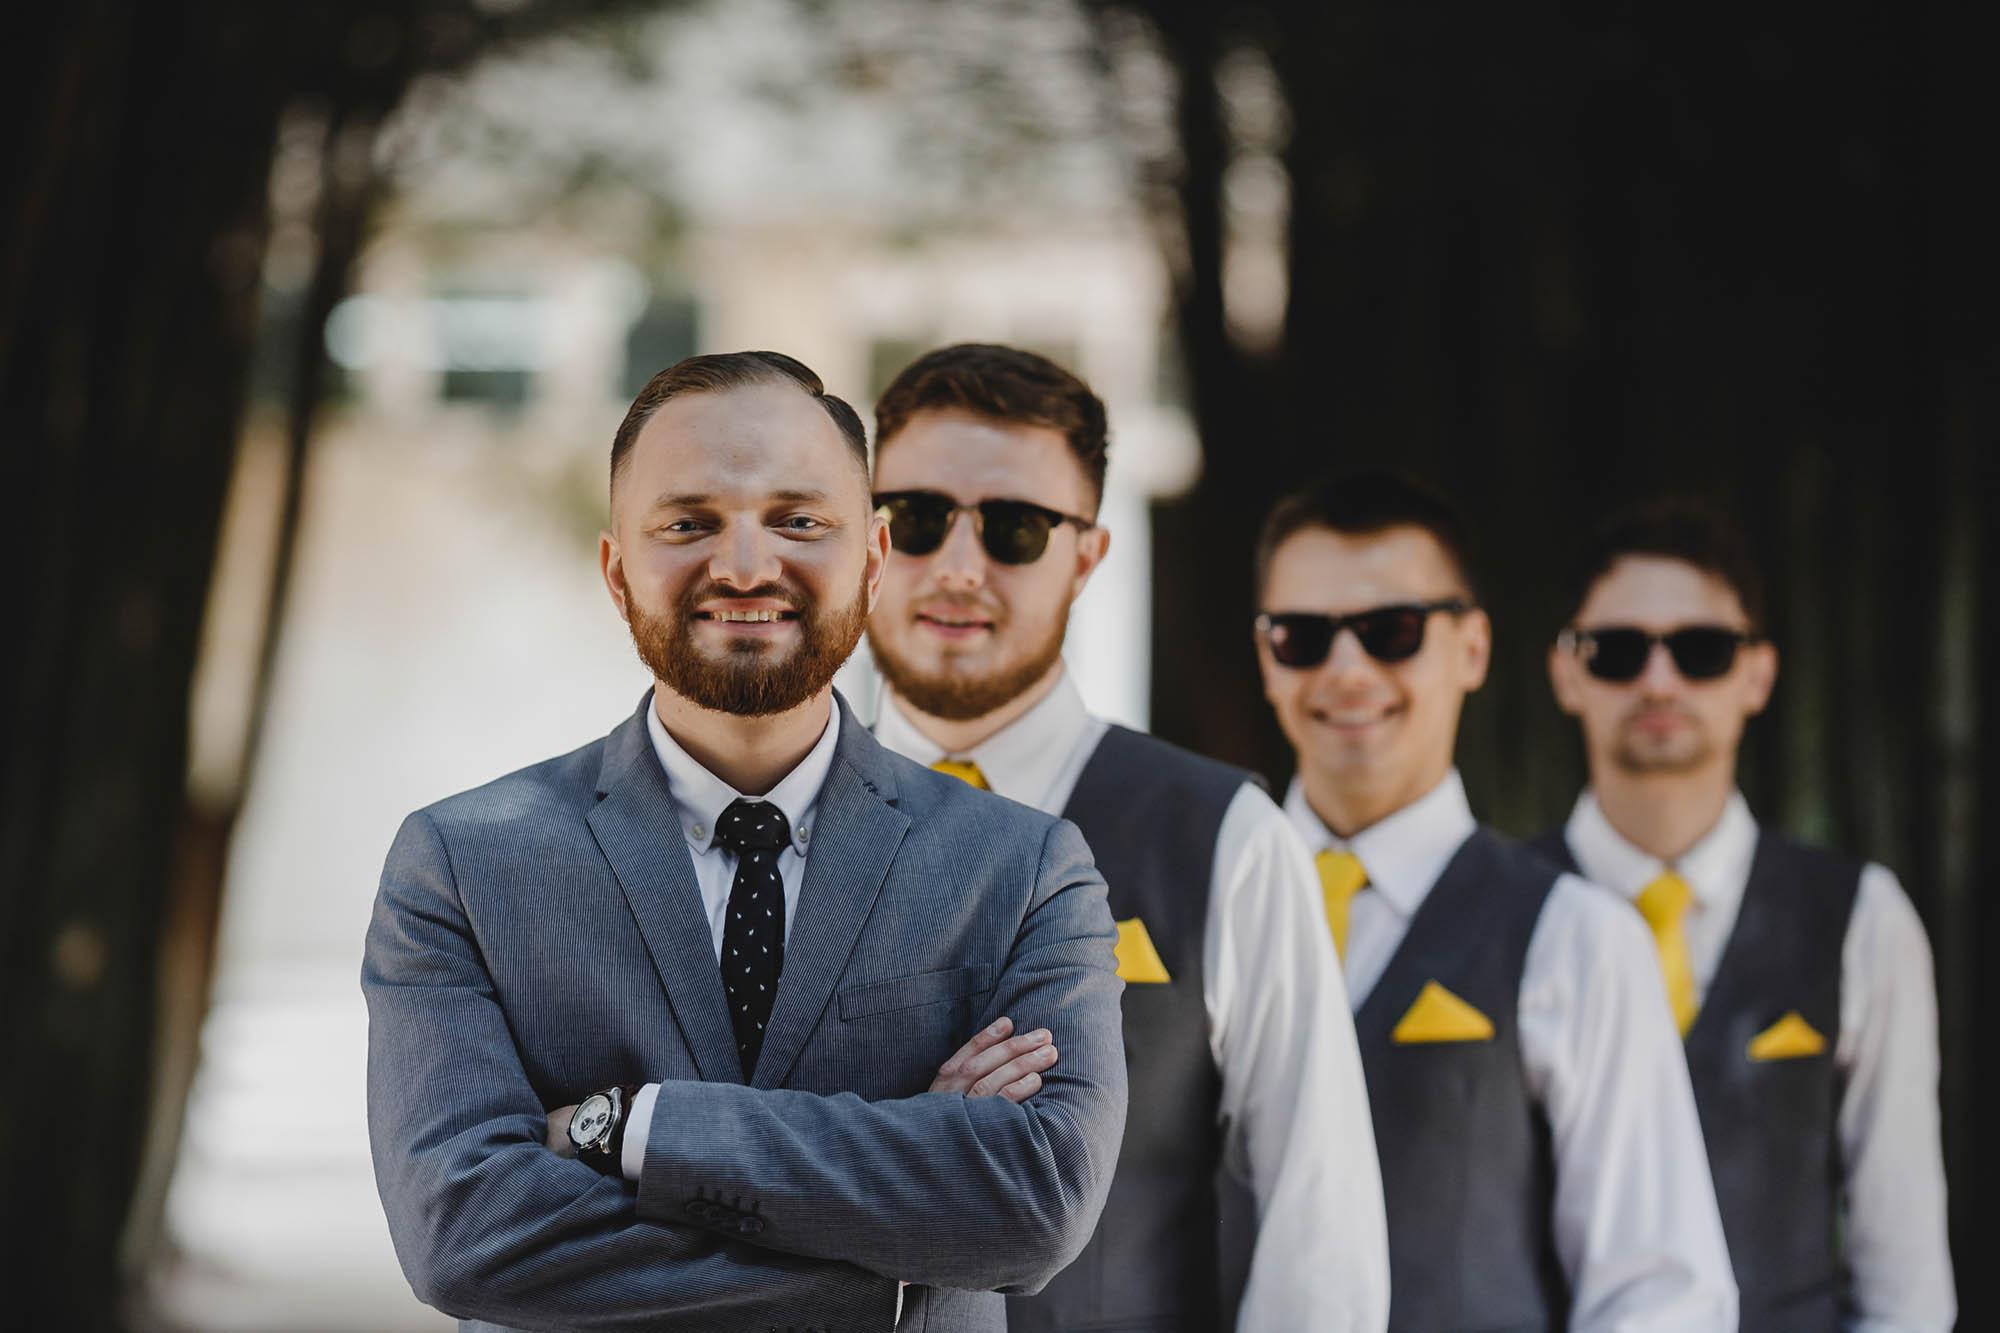 Groomsmen in black sunglasses with yellow ties stand behind bearded groom